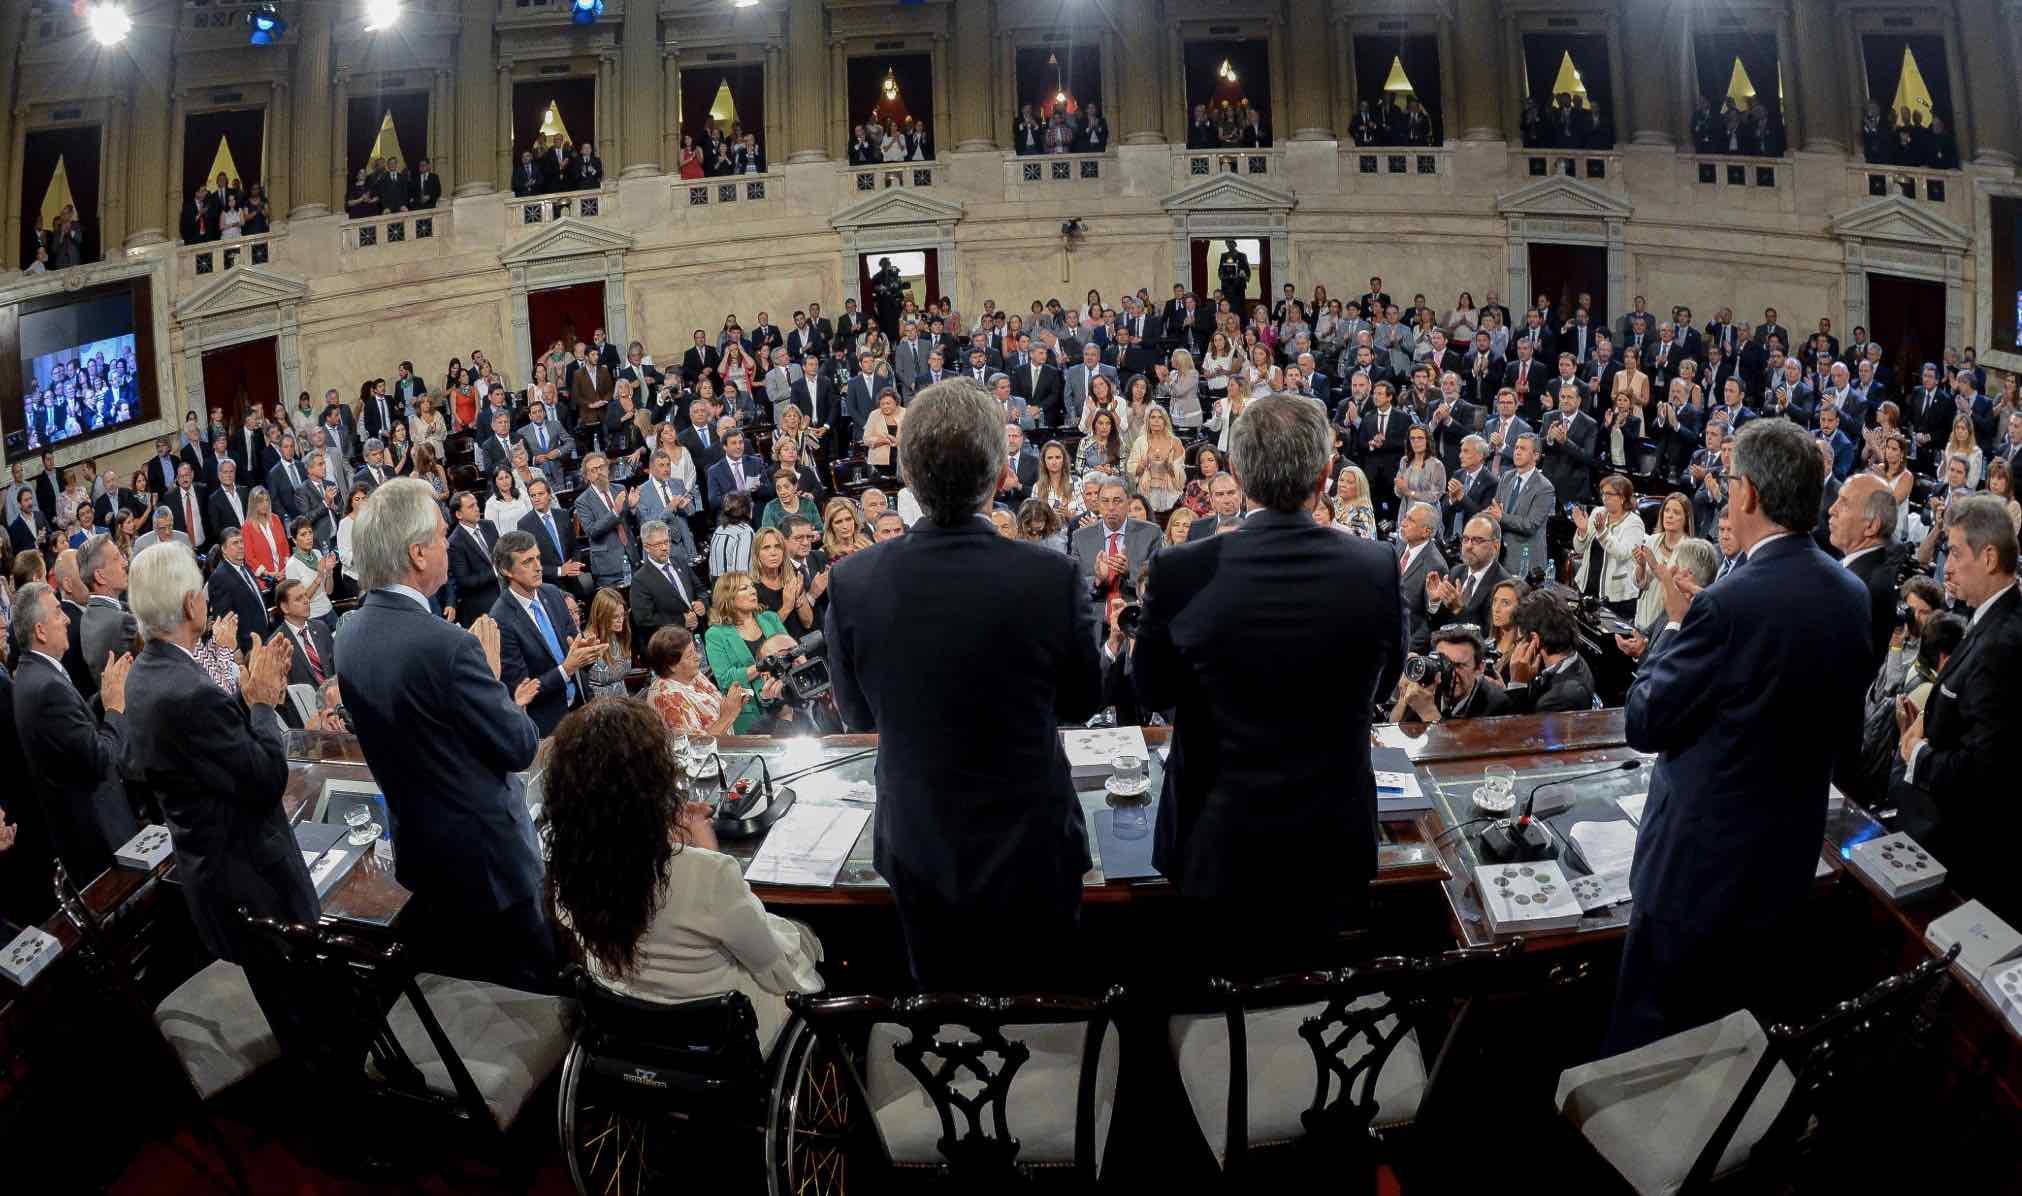 Congreso Argentino, Delito de defraudación pública, Corrupción política, Legisladores corruptos